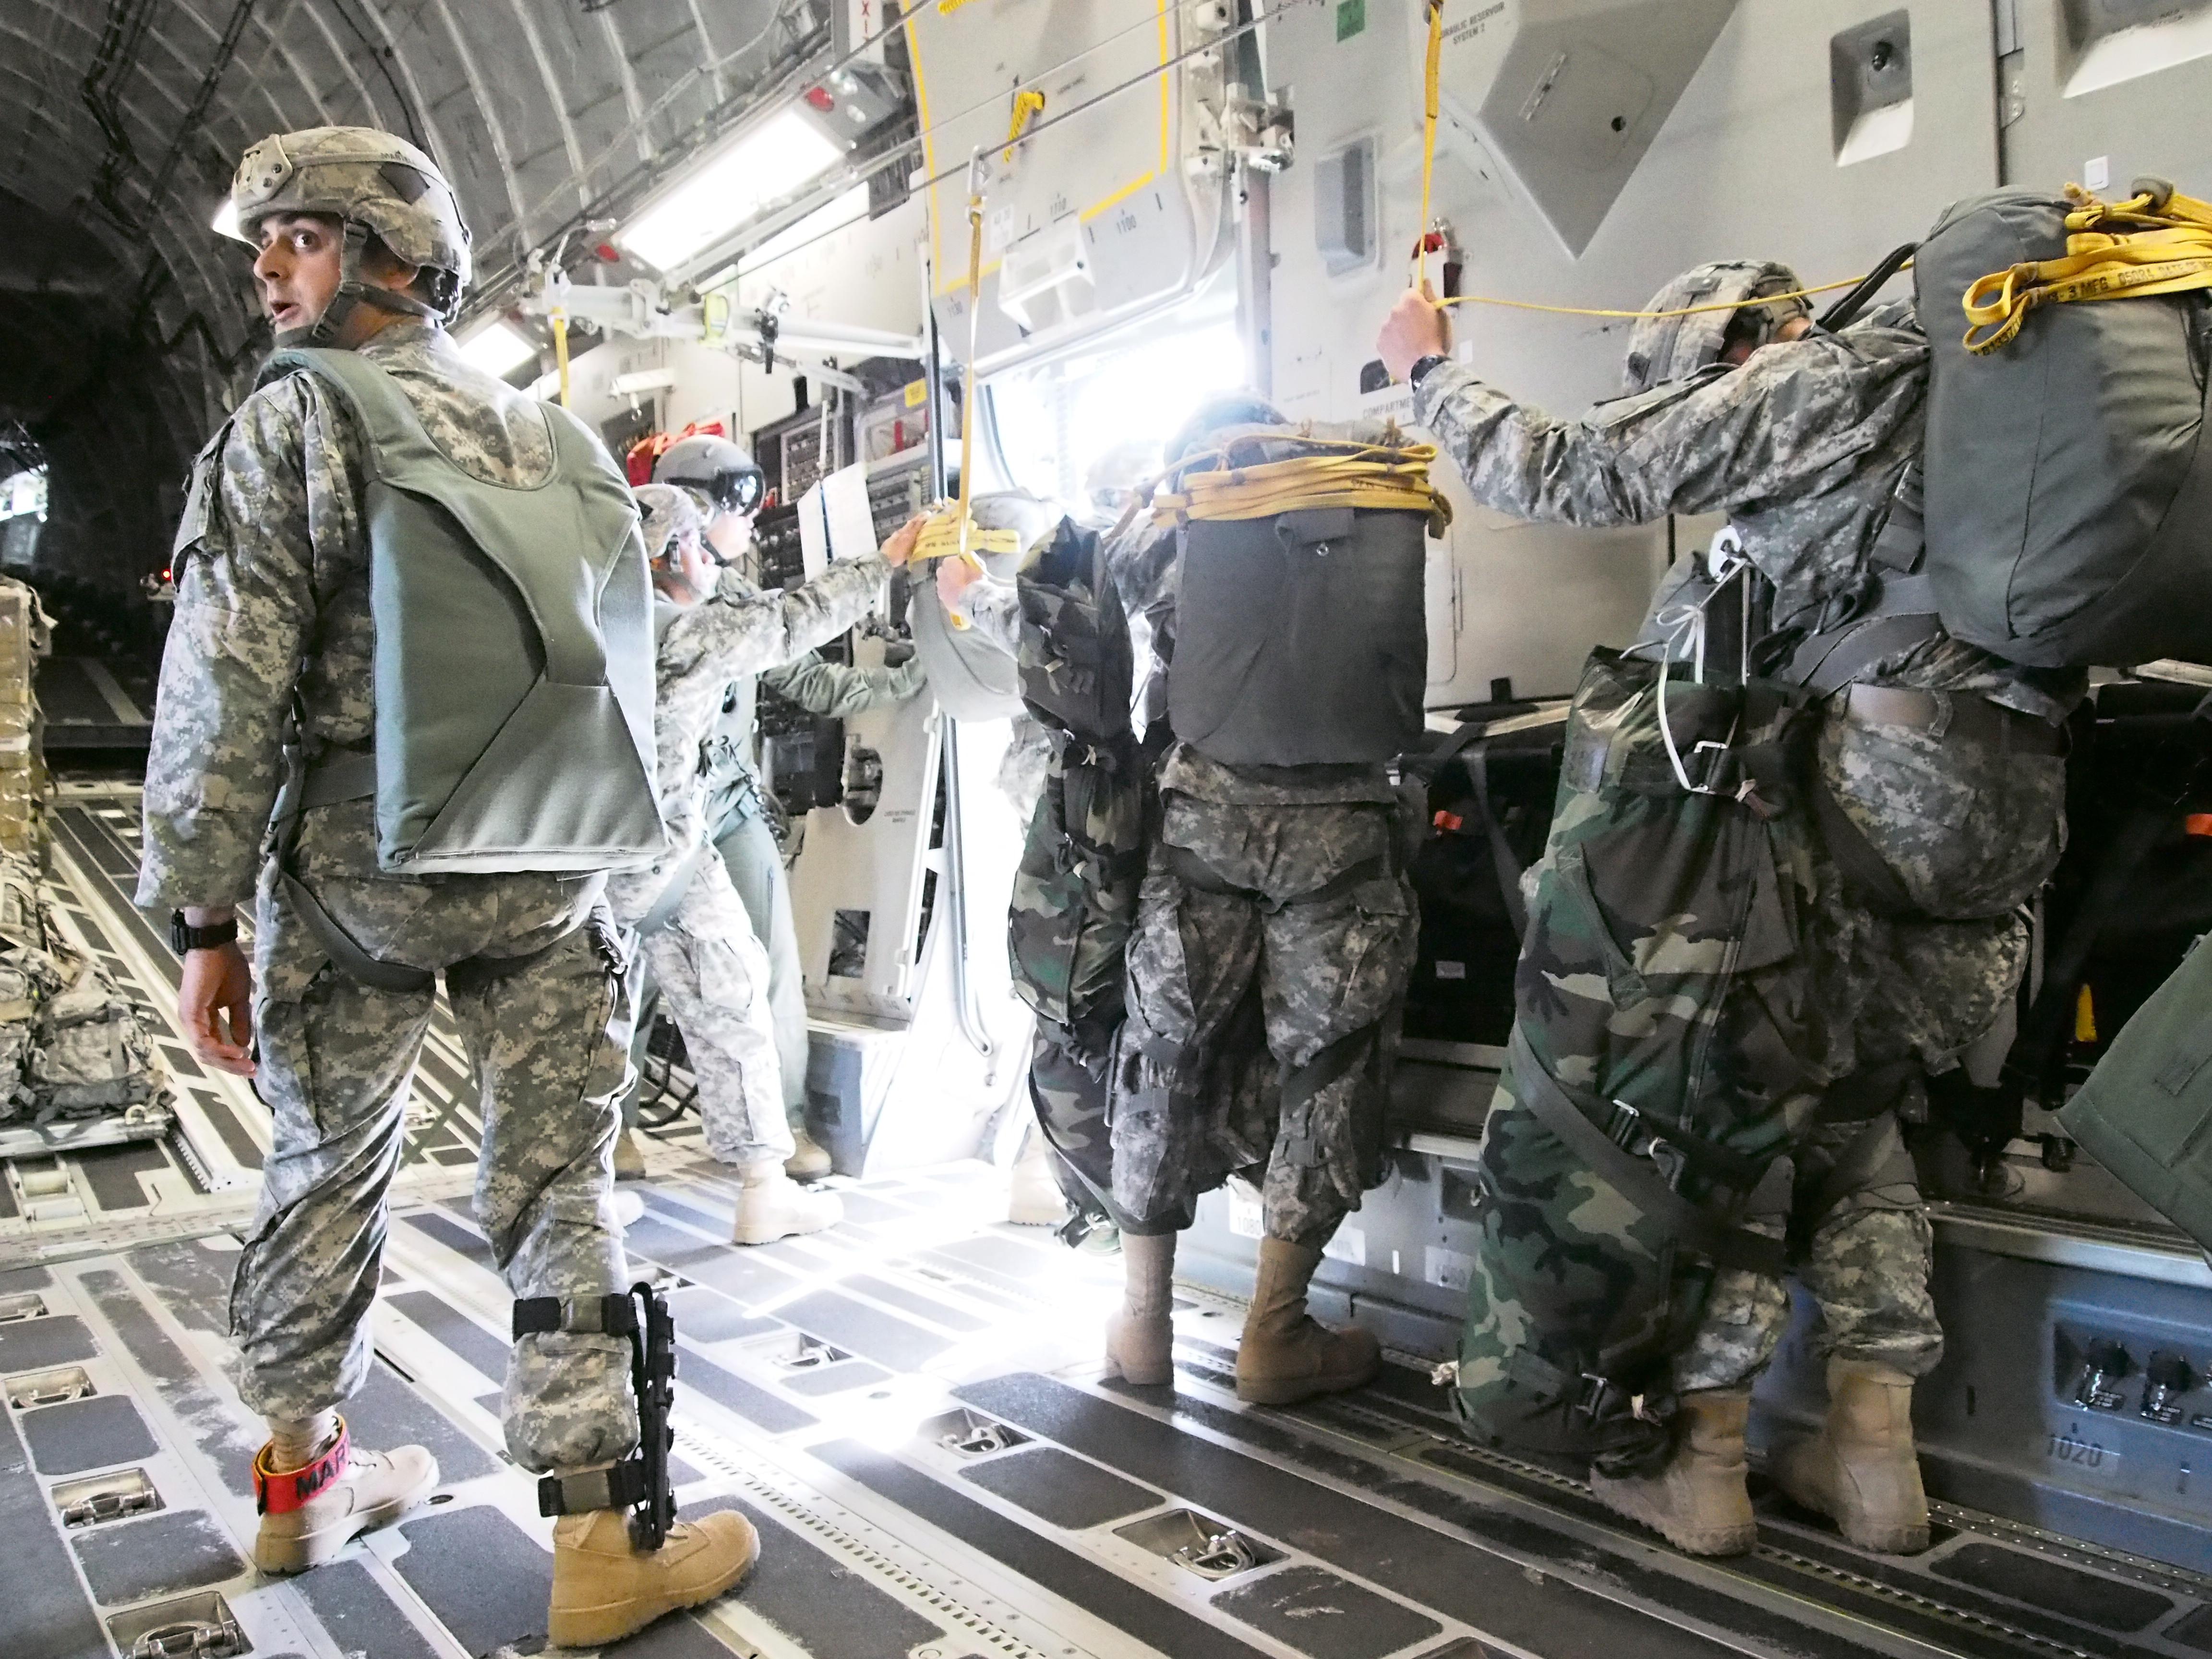 JBER Joint Base Elmendorf-Richardson airborne troops